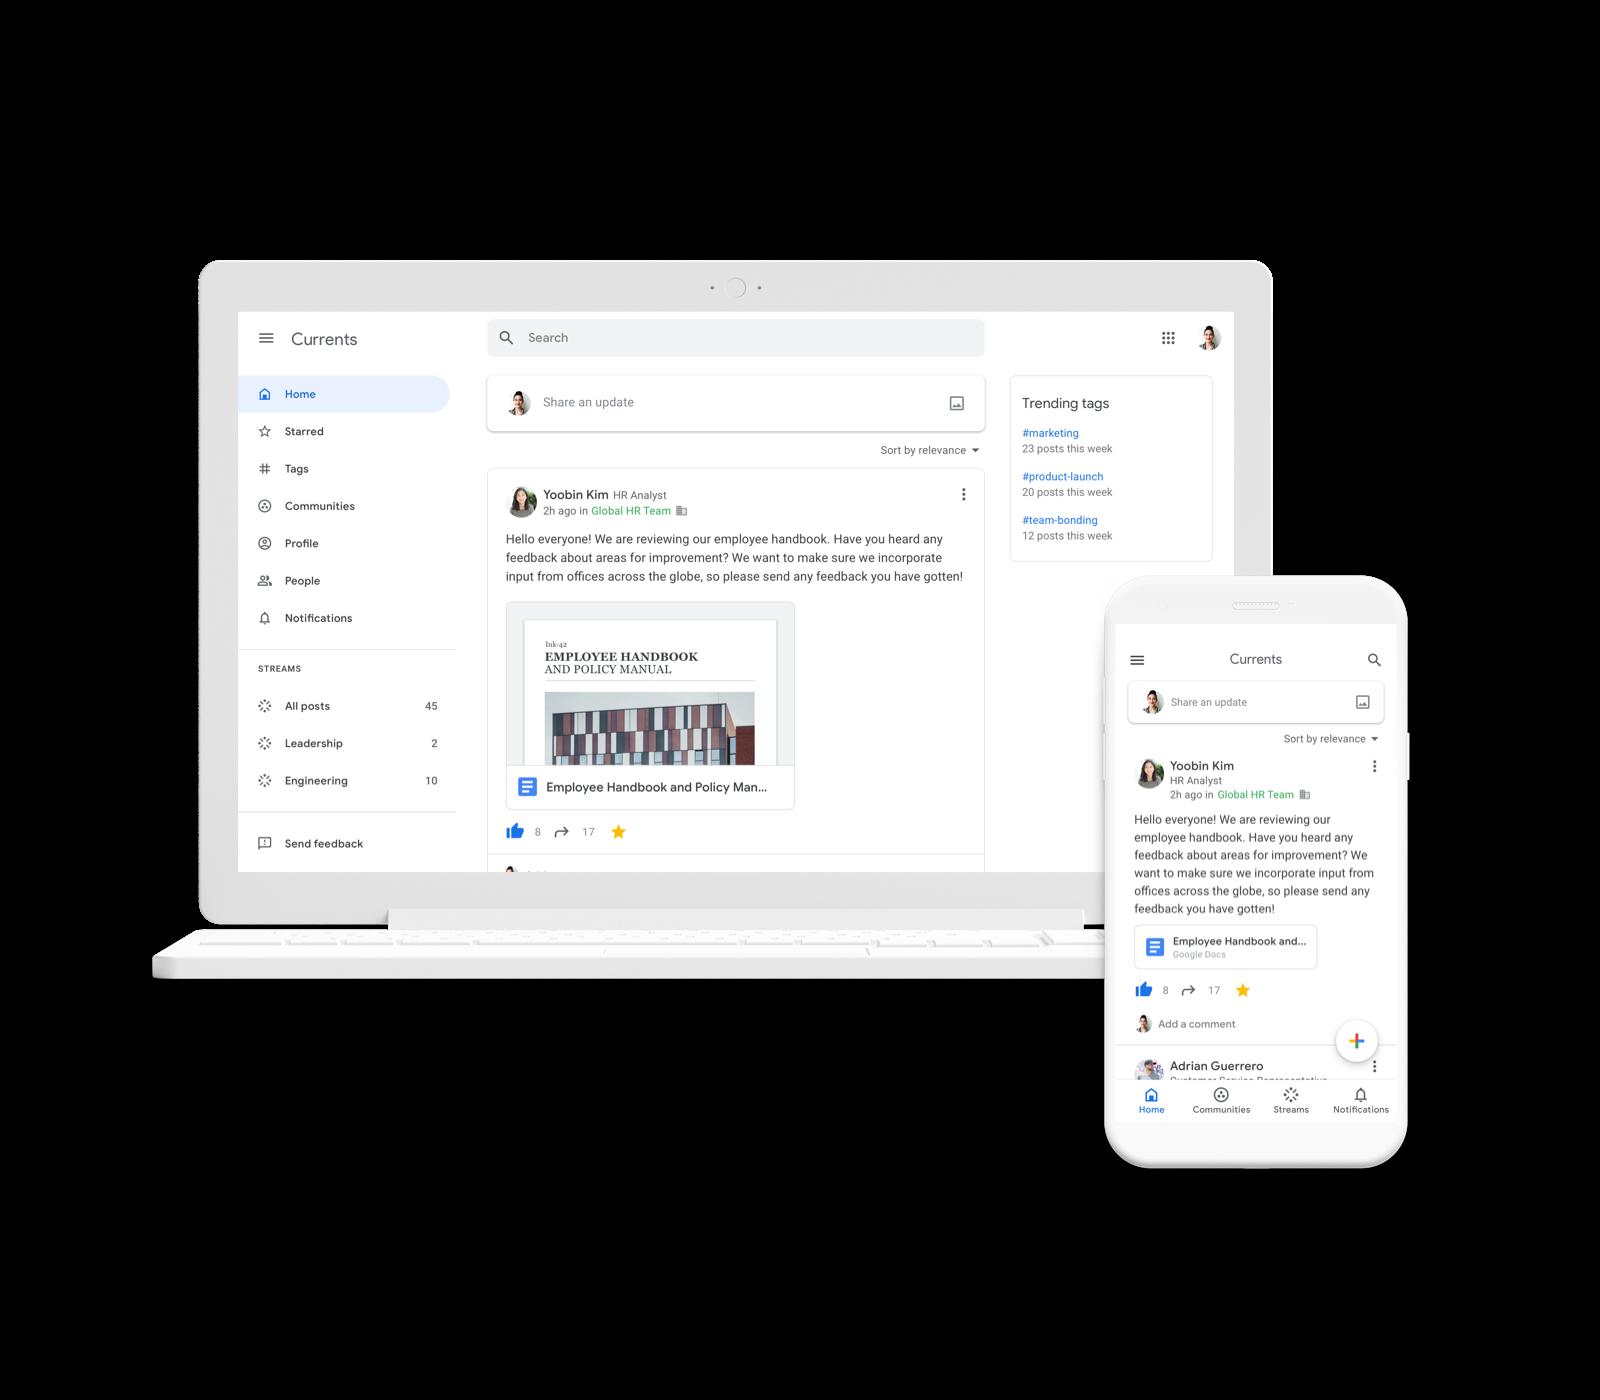 Google запустила Currents в рамках пакета G Suite — соцсеть для компаний